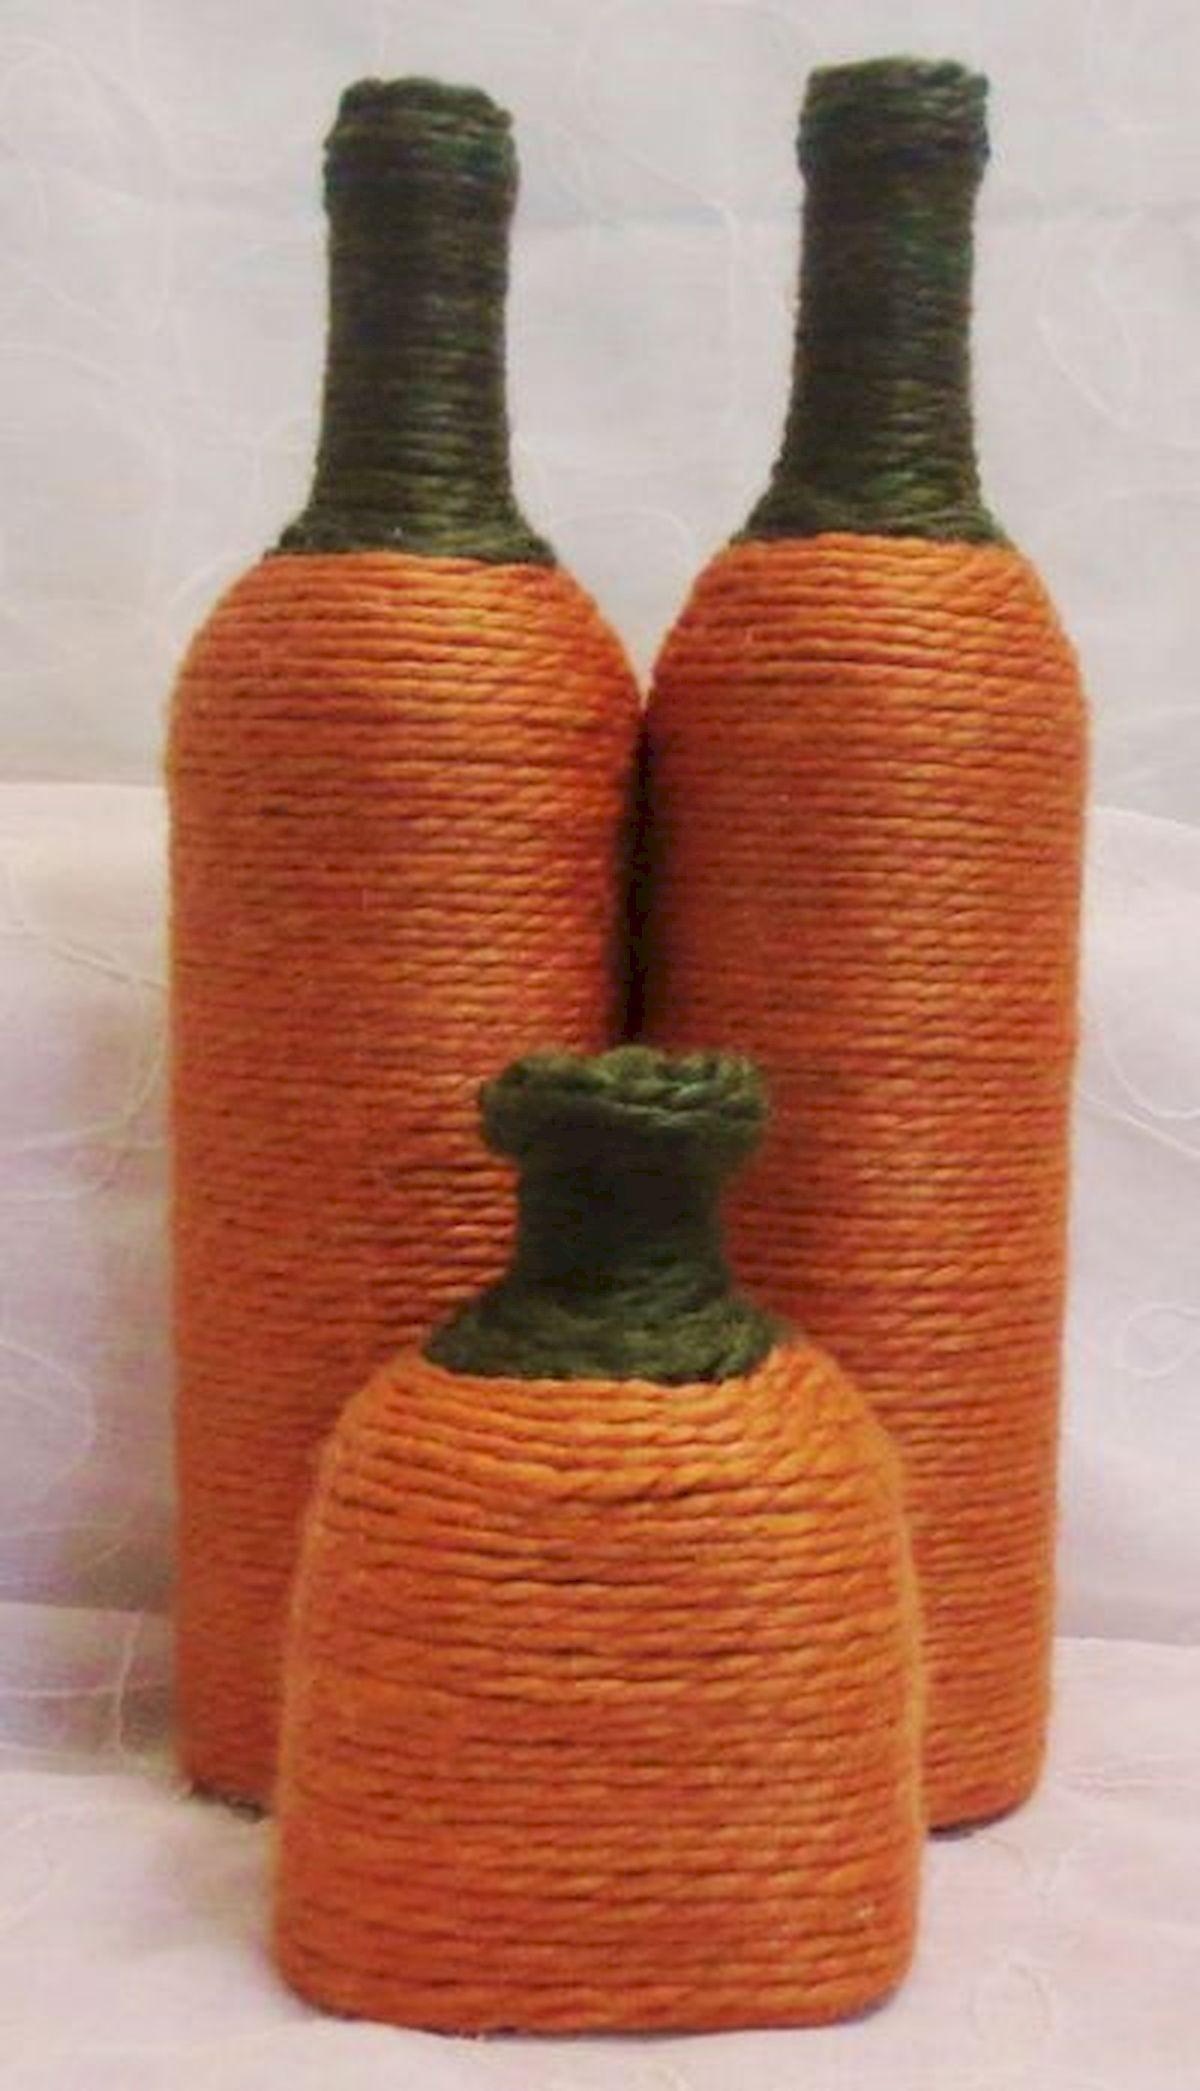 Diy Empty Wine Bottles For Thanksgiving Or Decorations Fall Wine Bottles Wrapped Wine Bottles Wine Bottle Diy Crafts